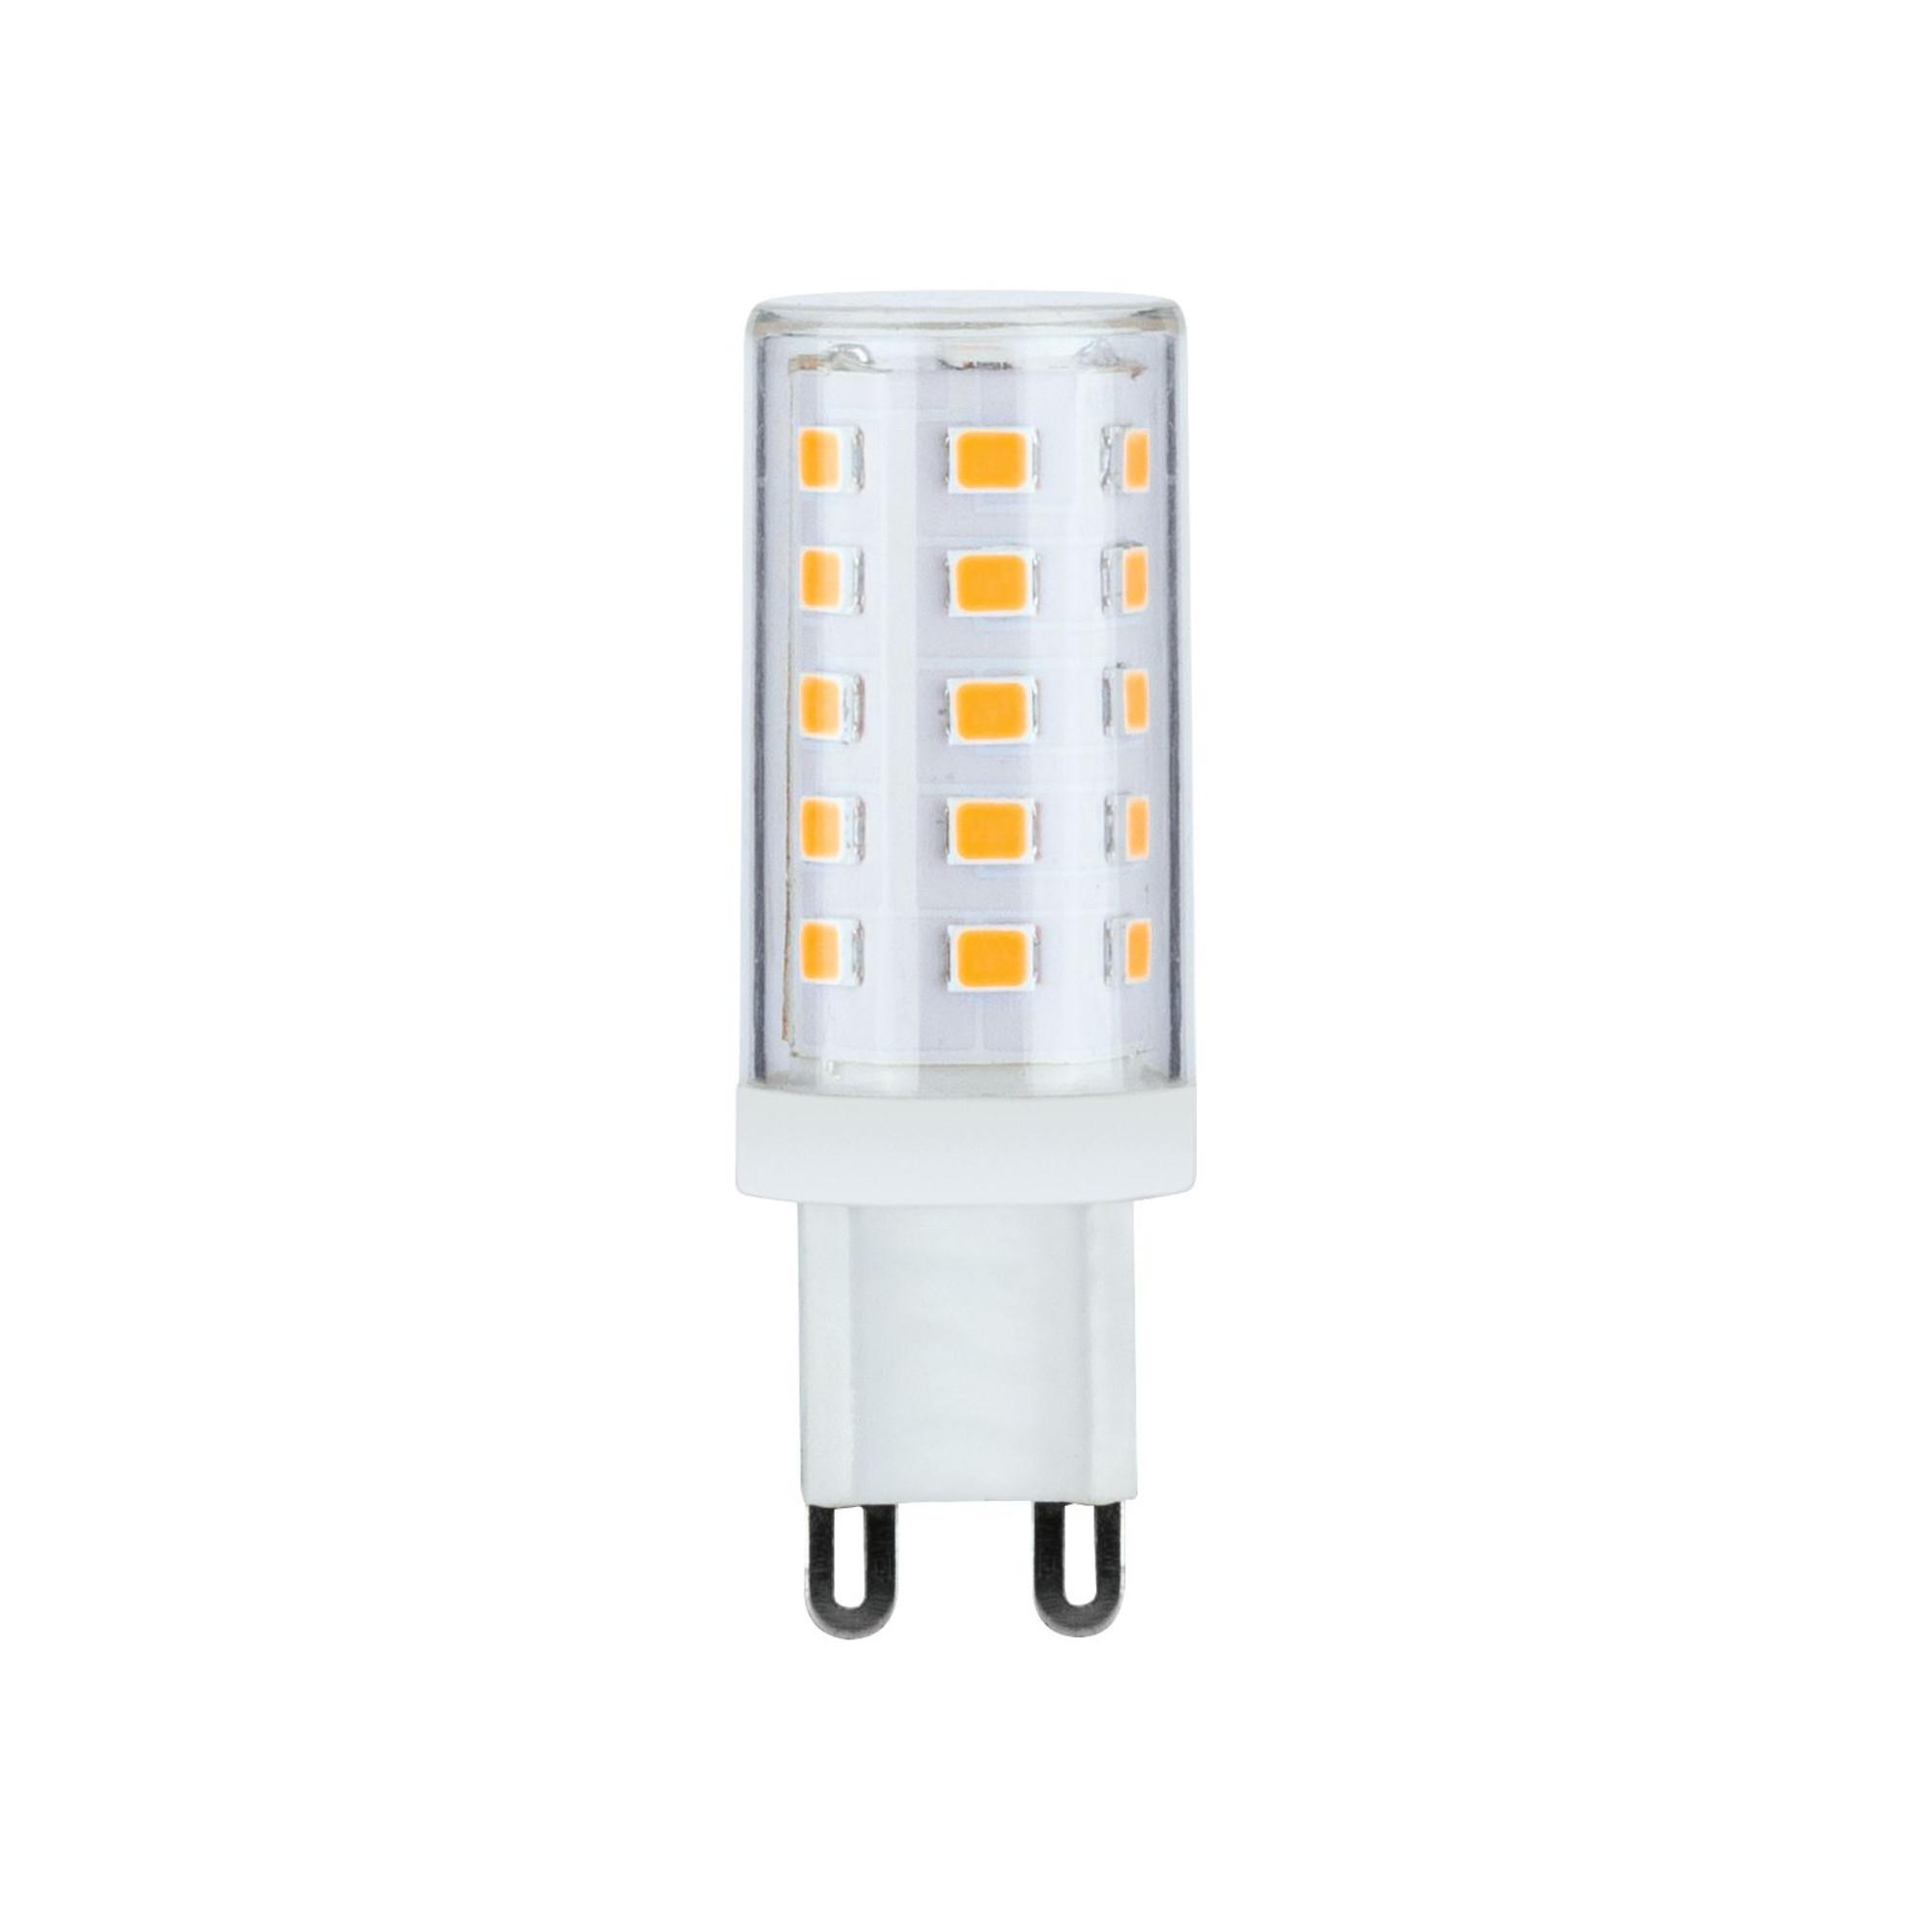 Лампа светодиодная Paulmann Штифтовый цоколь 3Вт 300лм 2700К G9 230В Прозрачный Диммируемая 28446.